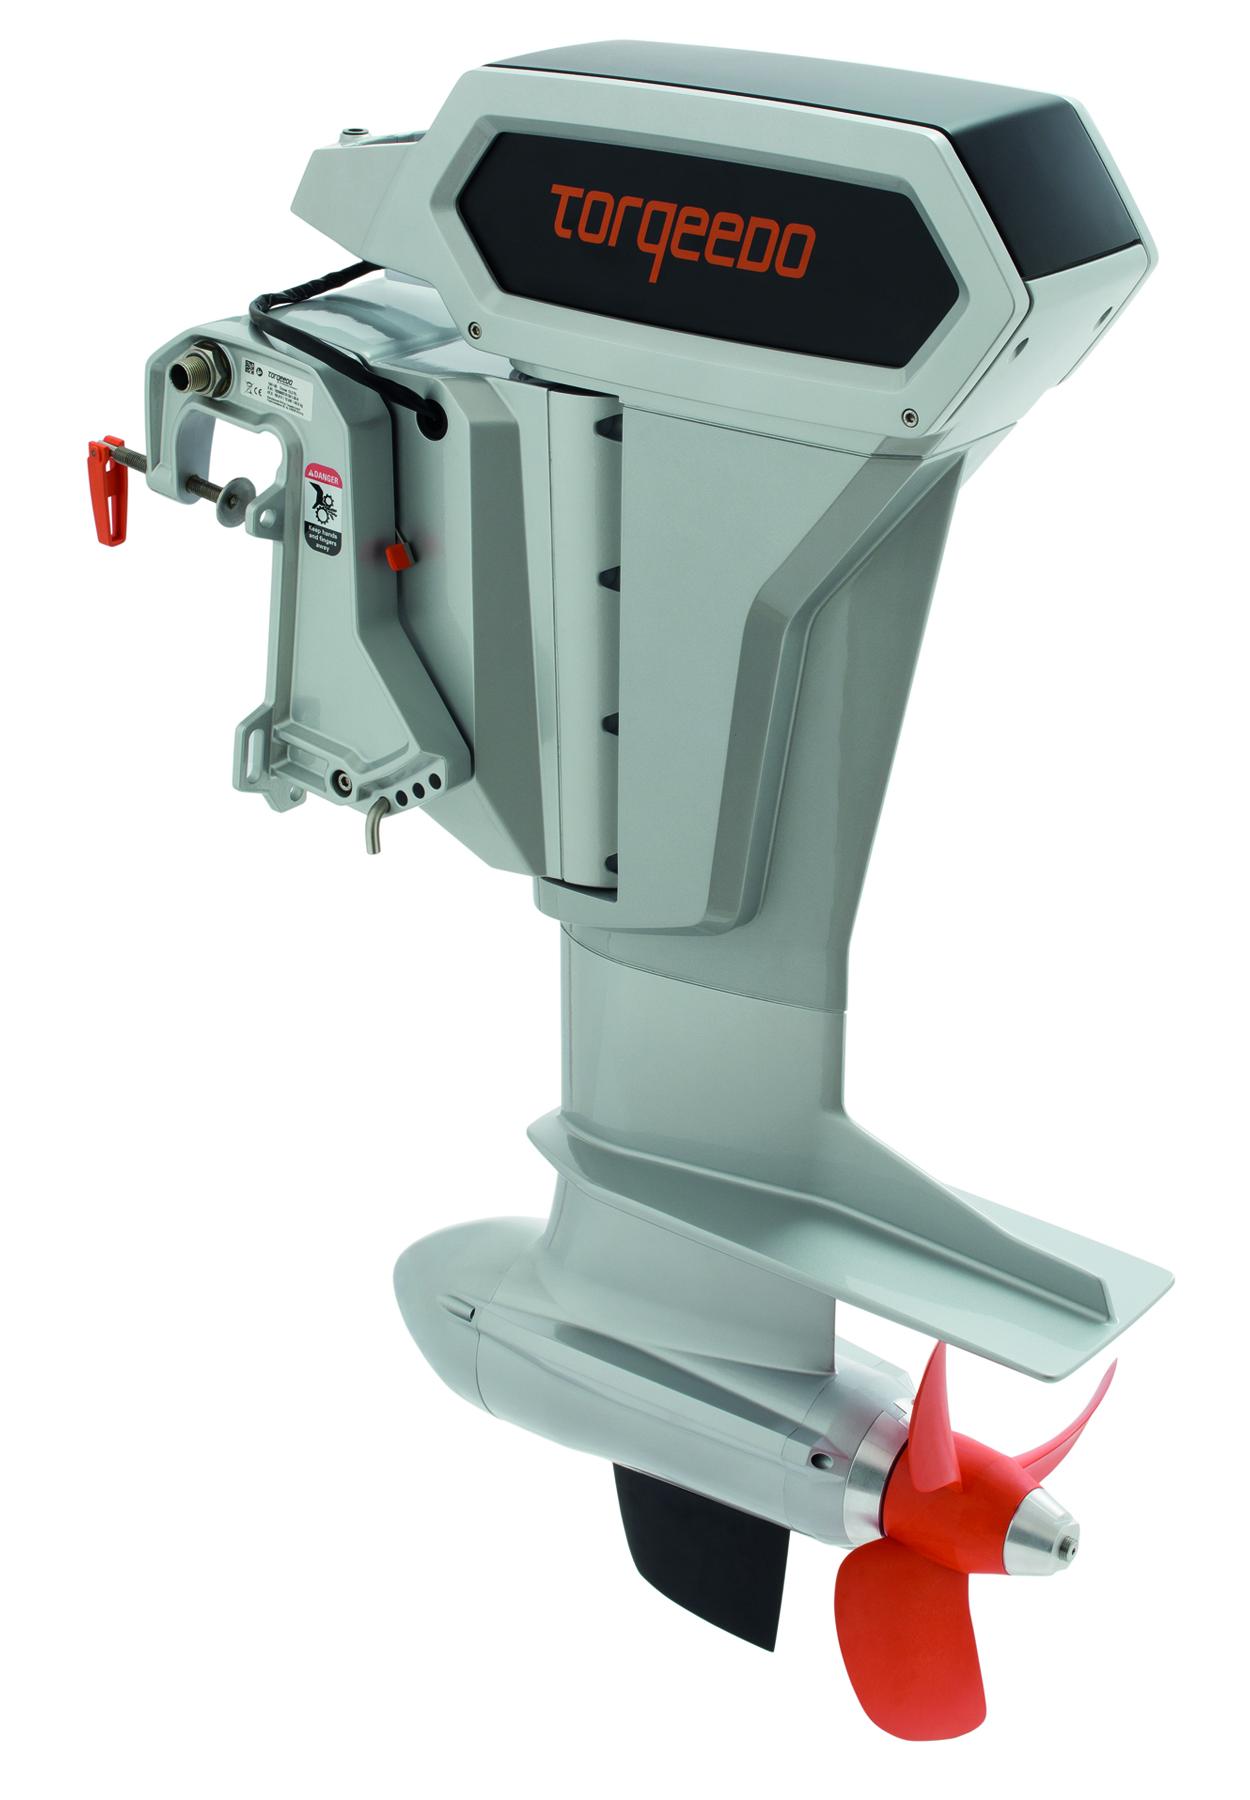 Buy Torqeedo Cruise 10 0 Electric Outboard Motor Eco